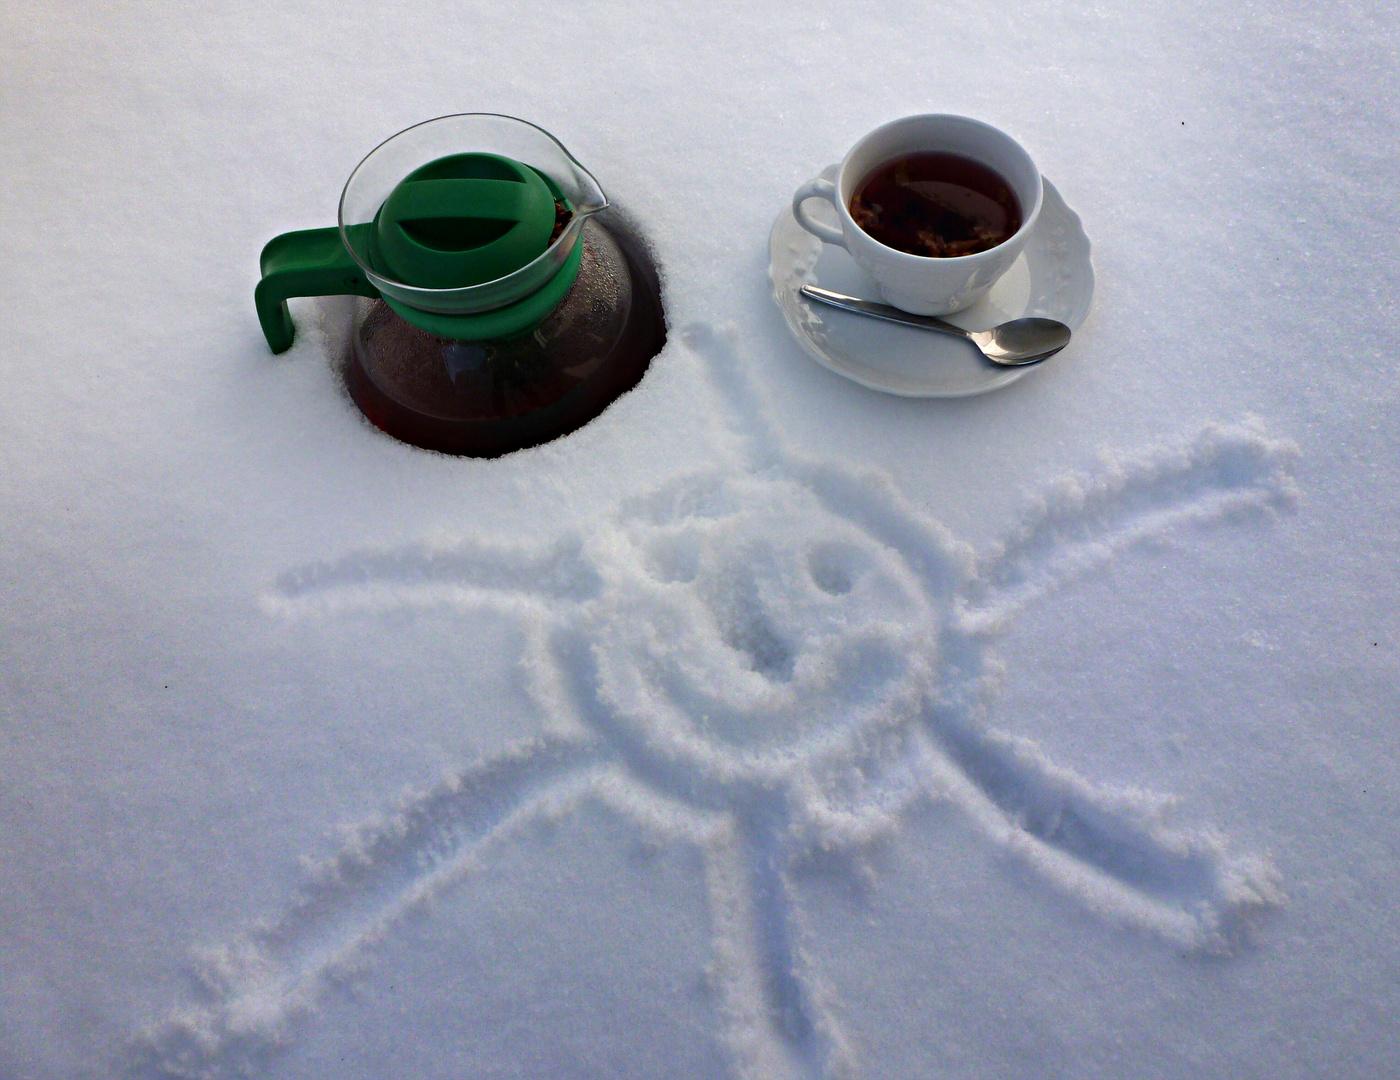 Gegen Schnee hilft Tee...